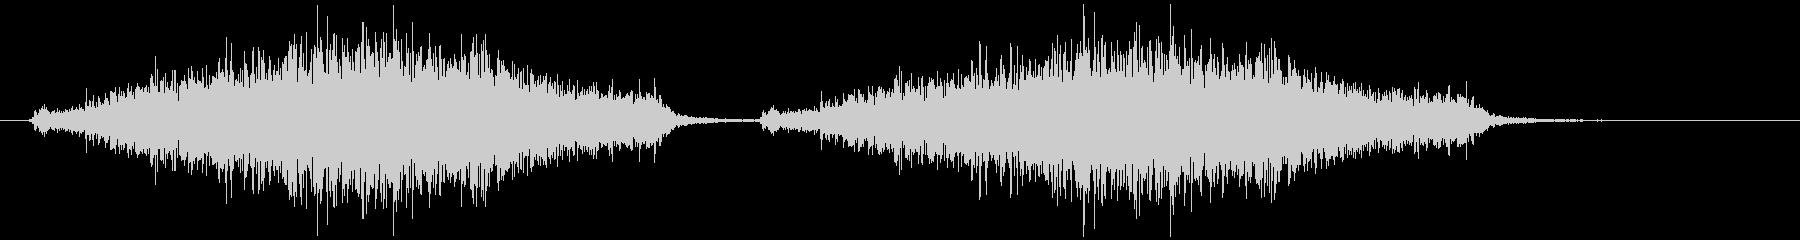 黒板消しでチョークを消す(シャァッ×2)の未再生の波形